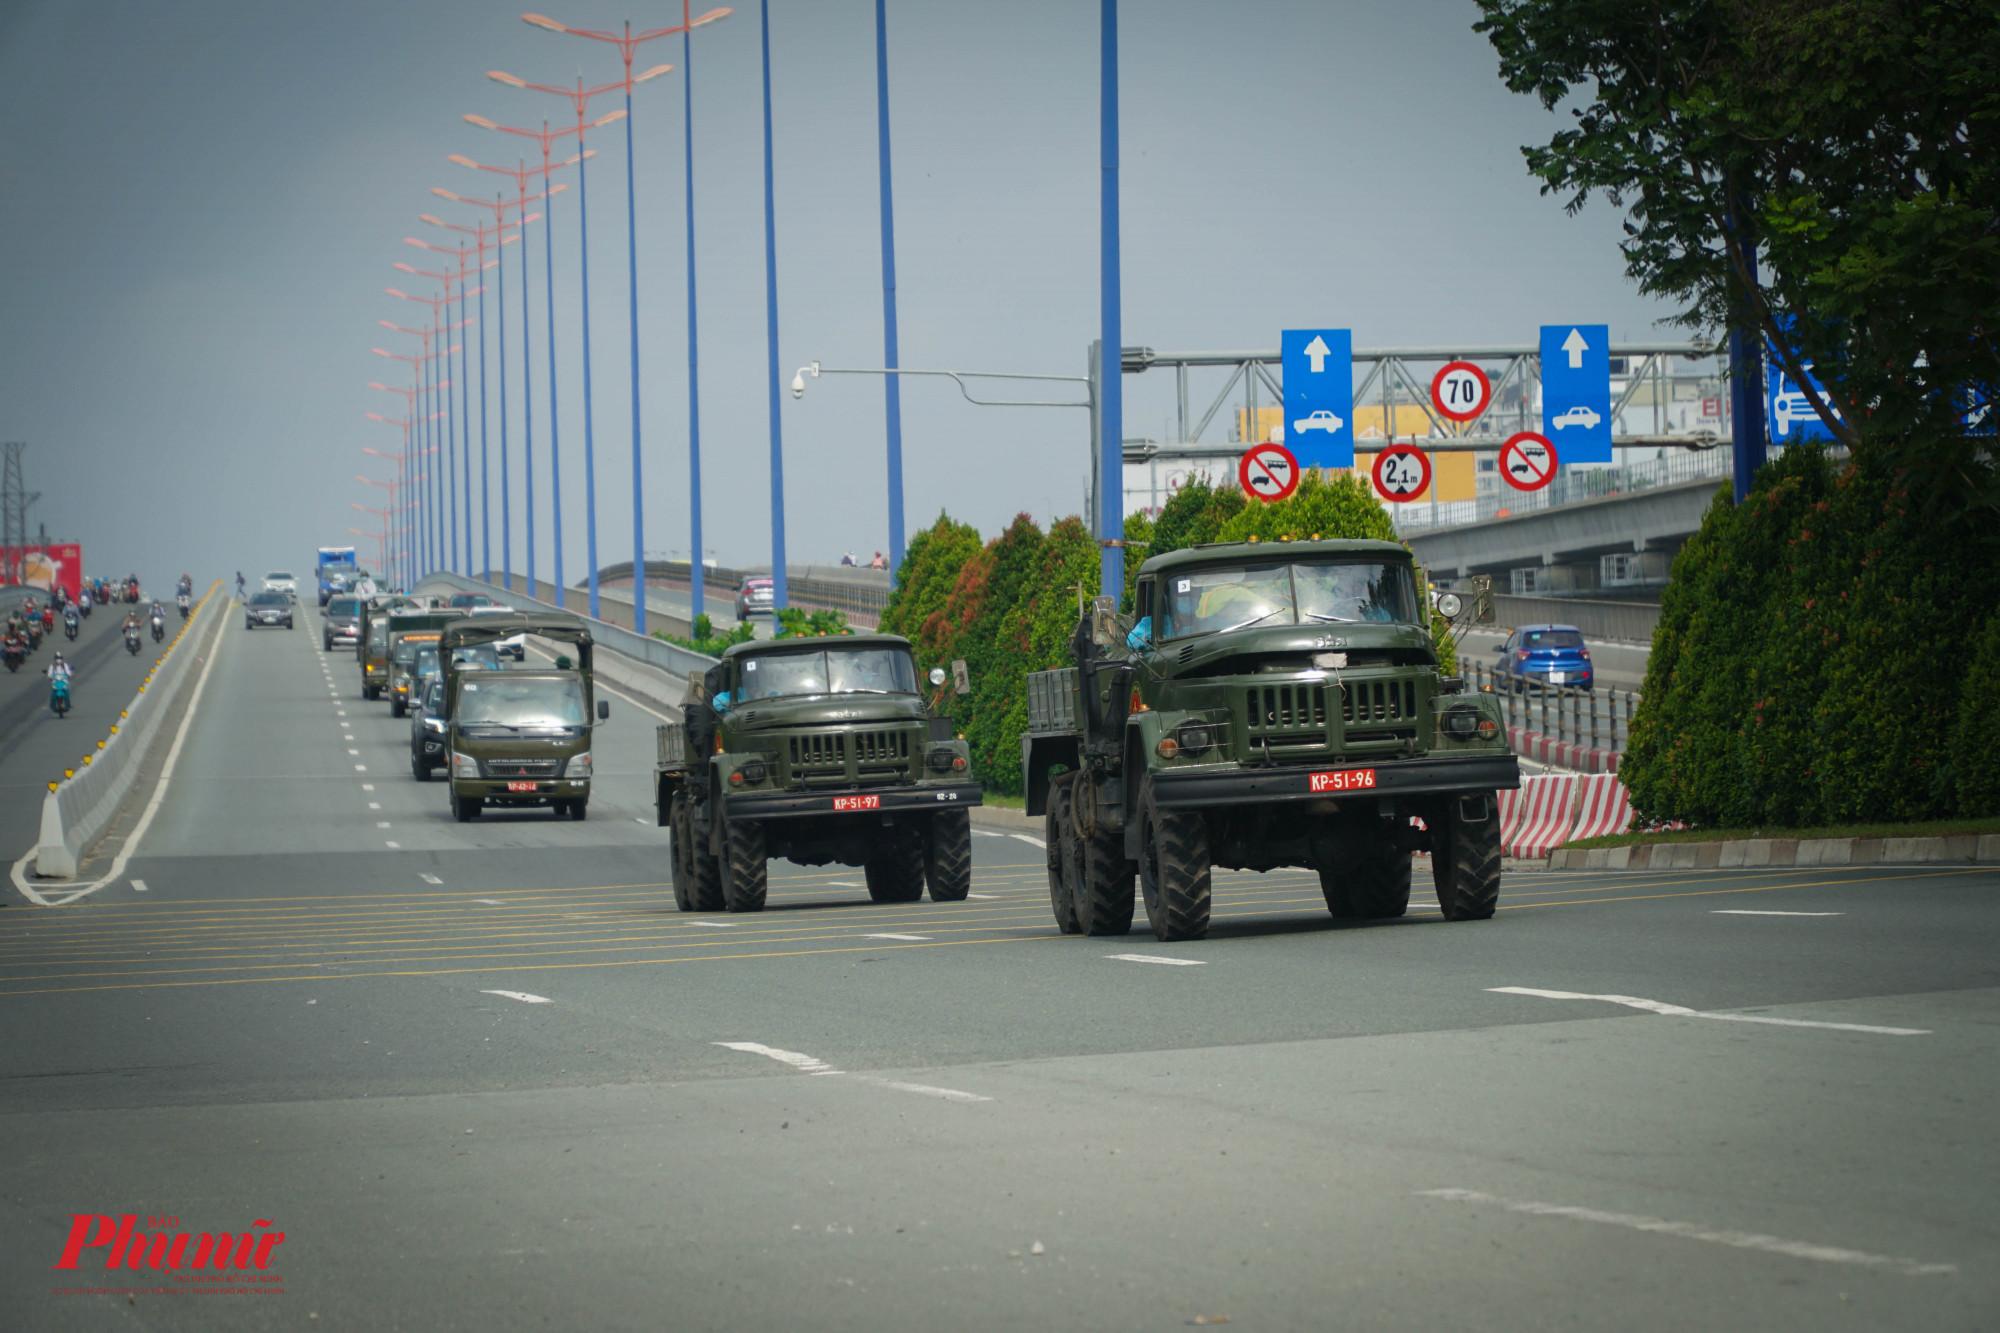 Đoàn xe di chuyển trên Xa lộ Hà Nội, hướng về TP Thủ Đức